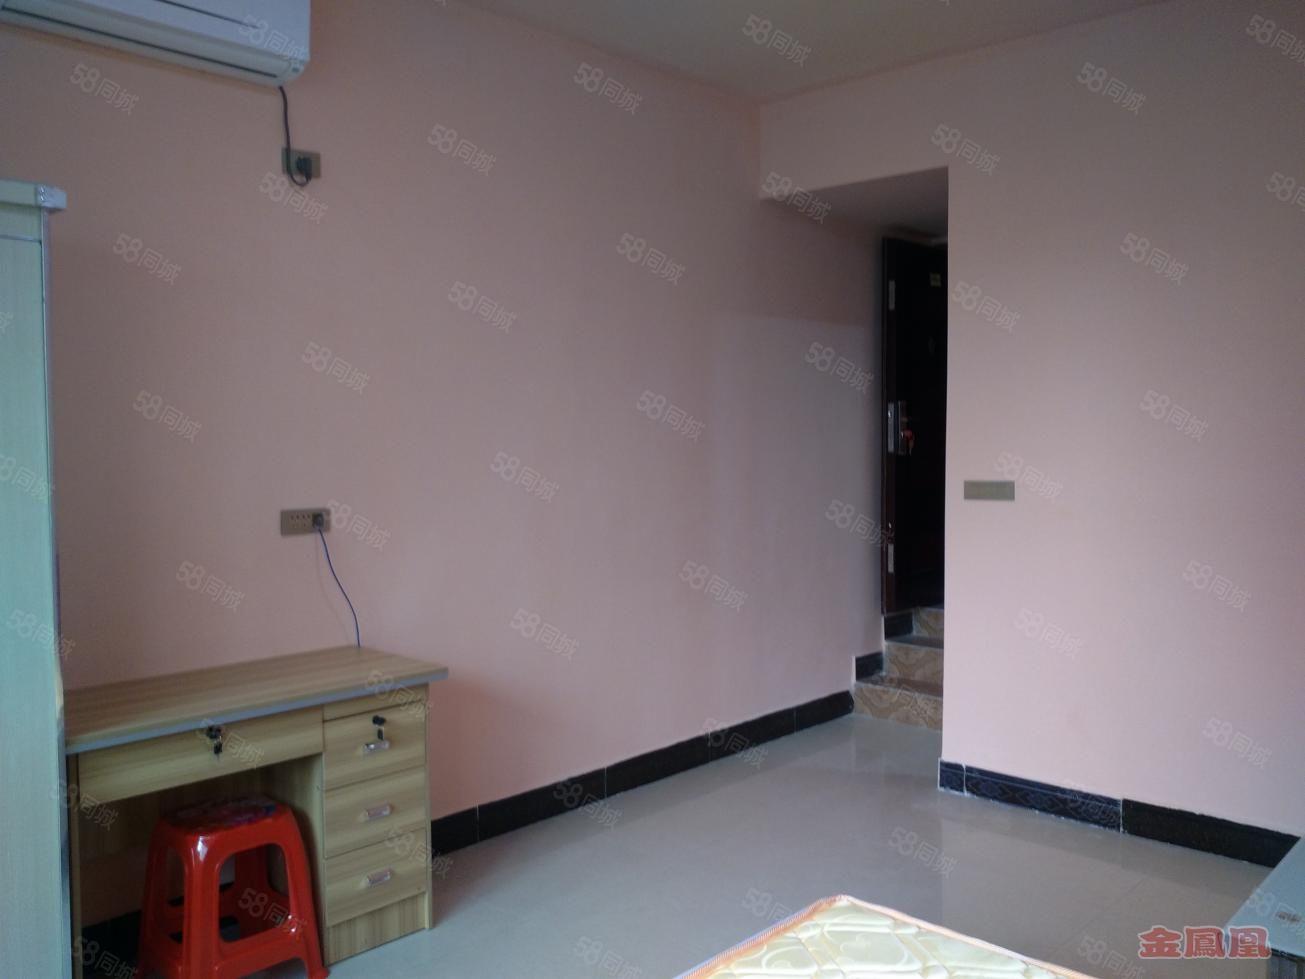 公寓T2319东方花园小区单间,带独立卫生间,厨房,